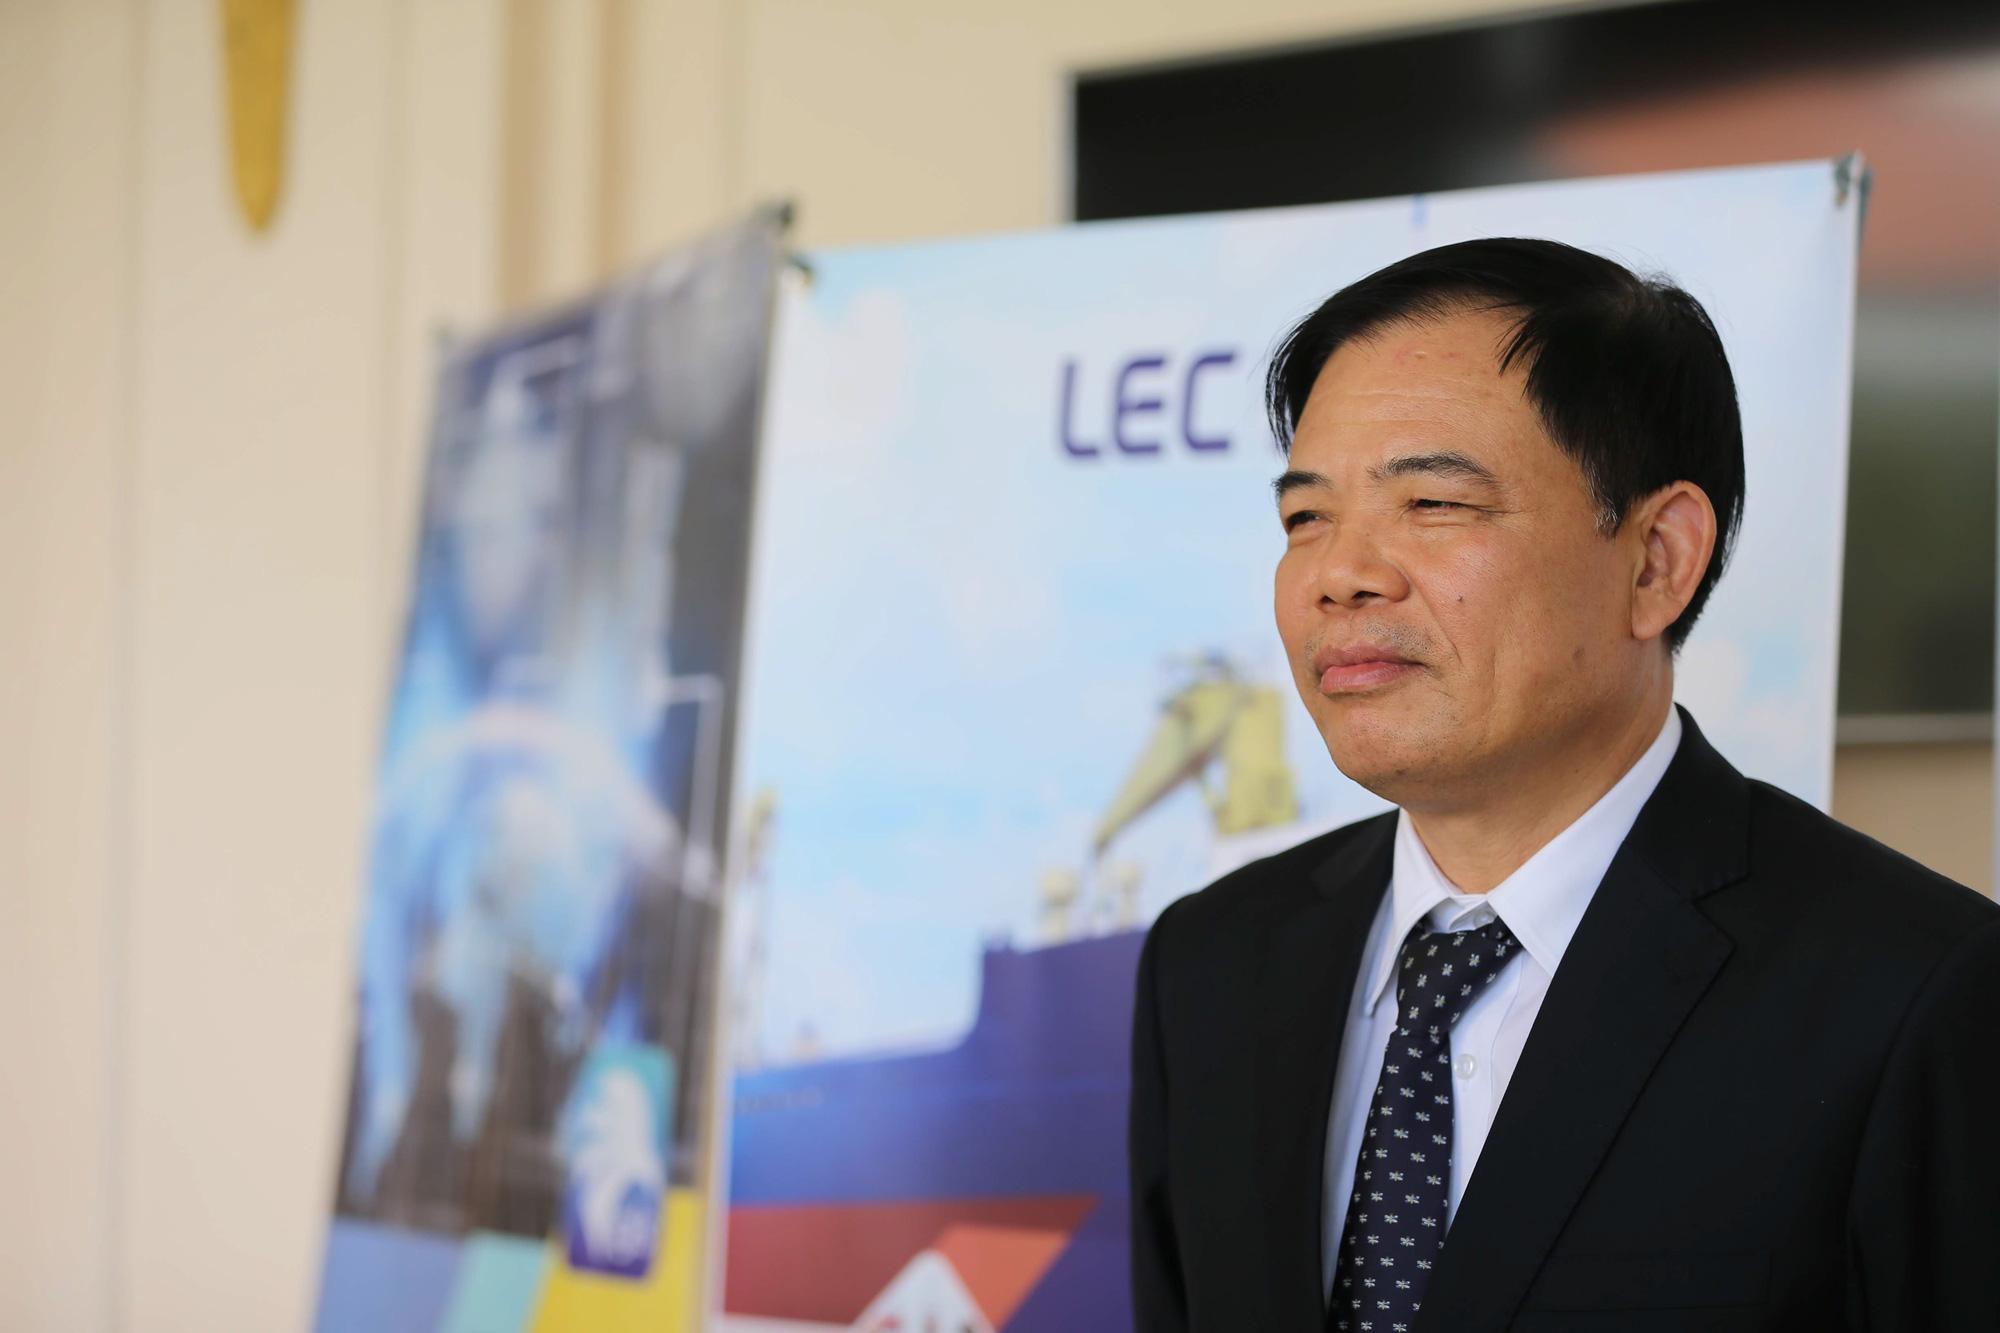 Bộ trưởng Nguyễn Xuân Cường: Năm 2020, xuất khẩu phải đạt cao hơn 41 tỷ USD  - Ảnh 3.